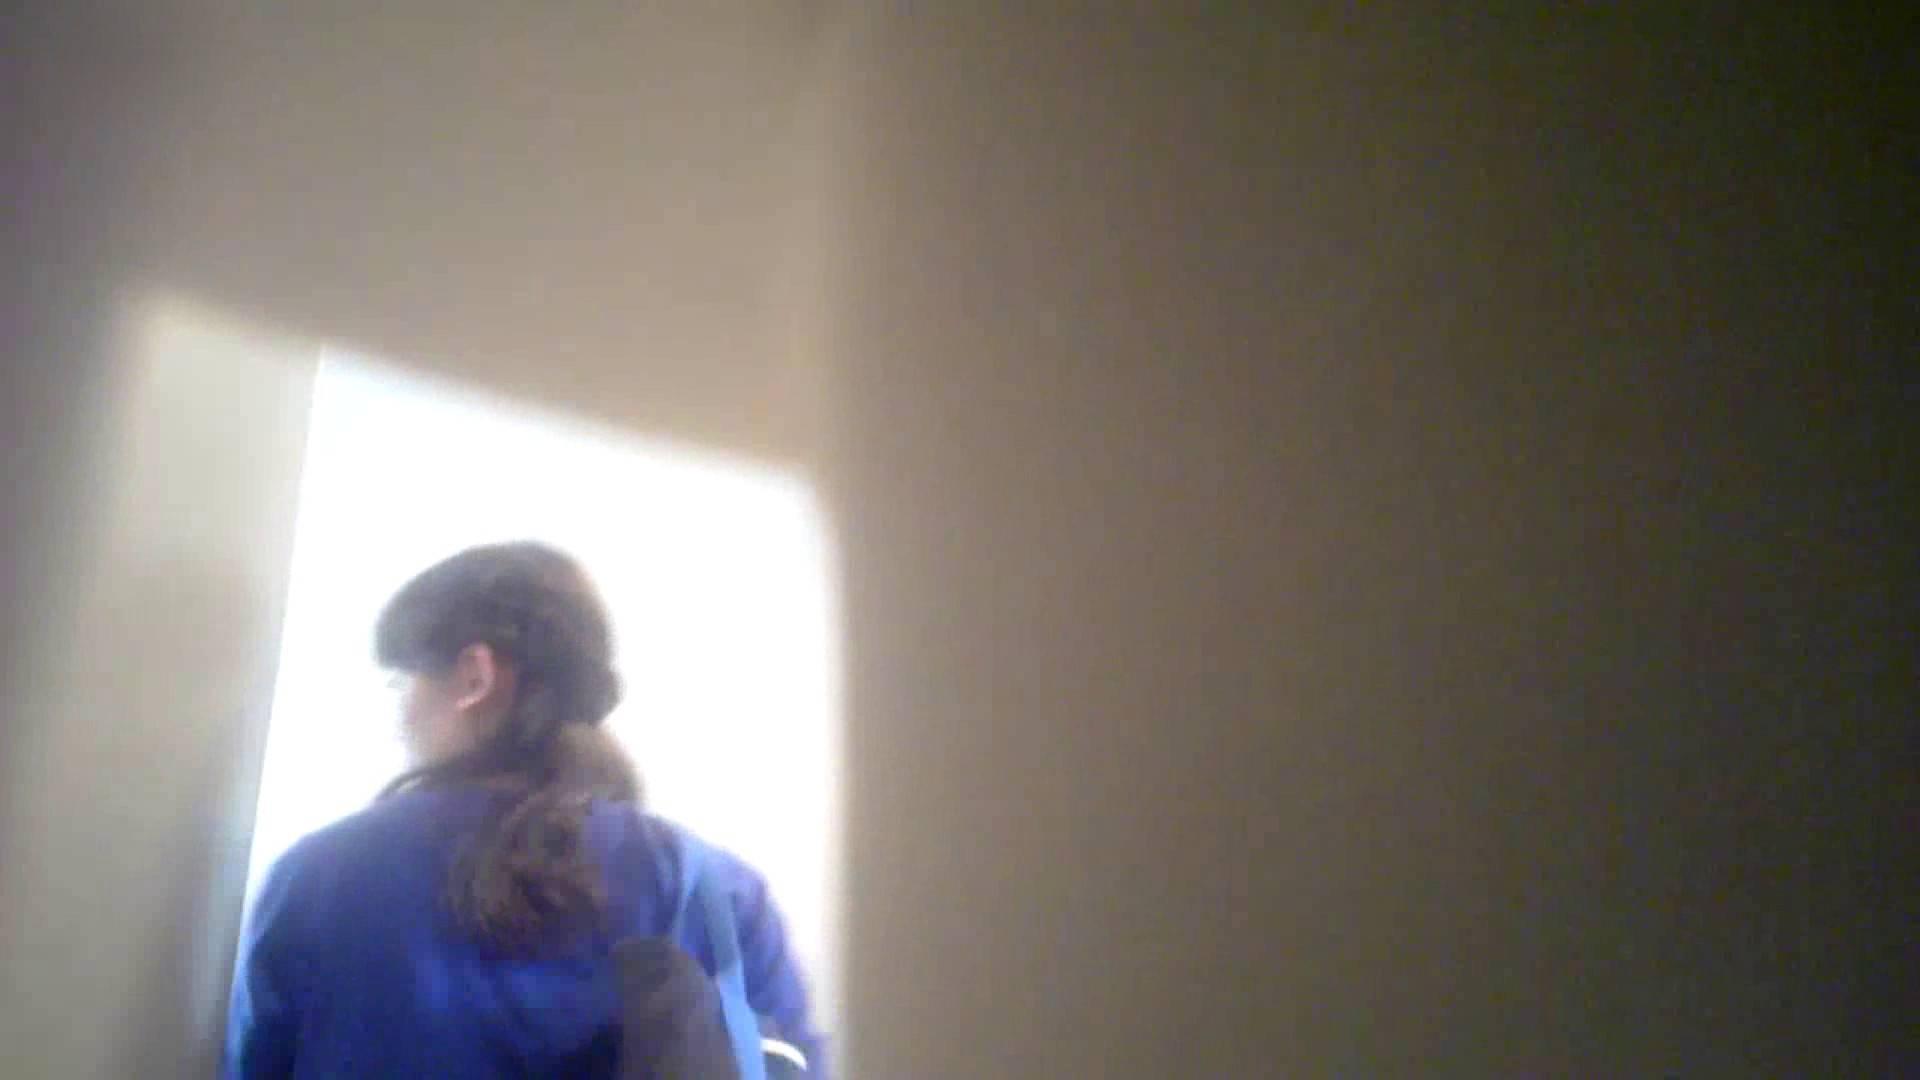 有名大学女性洗面所 vol.45 冴え渡る多方向撮影!職人技です。 OL  86連発 23